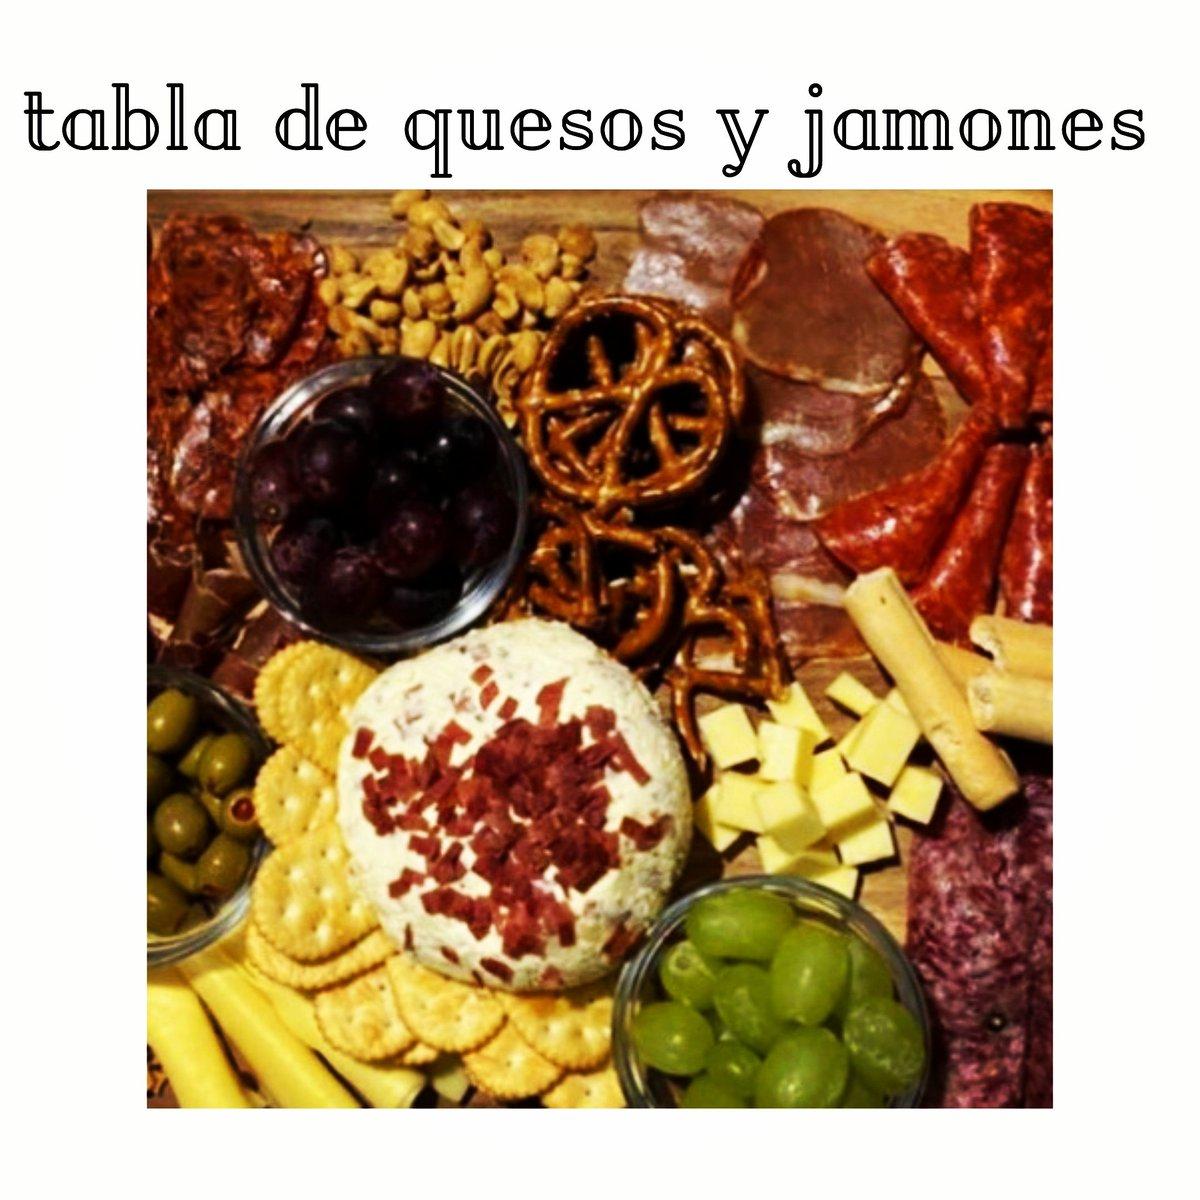 NUEVO VIDEO! 📢LINK EN BIO! Empezando el año de lo mejor... una tabla de quesos y jamones top... el paso a paso... y no olviden de suscribirse! #charcuterieboard #hamandcheese #charcuterie #tablas #tabladequesosyjamones #newyear  #DIY #hazlotumismo #letsbegin #newchallenge